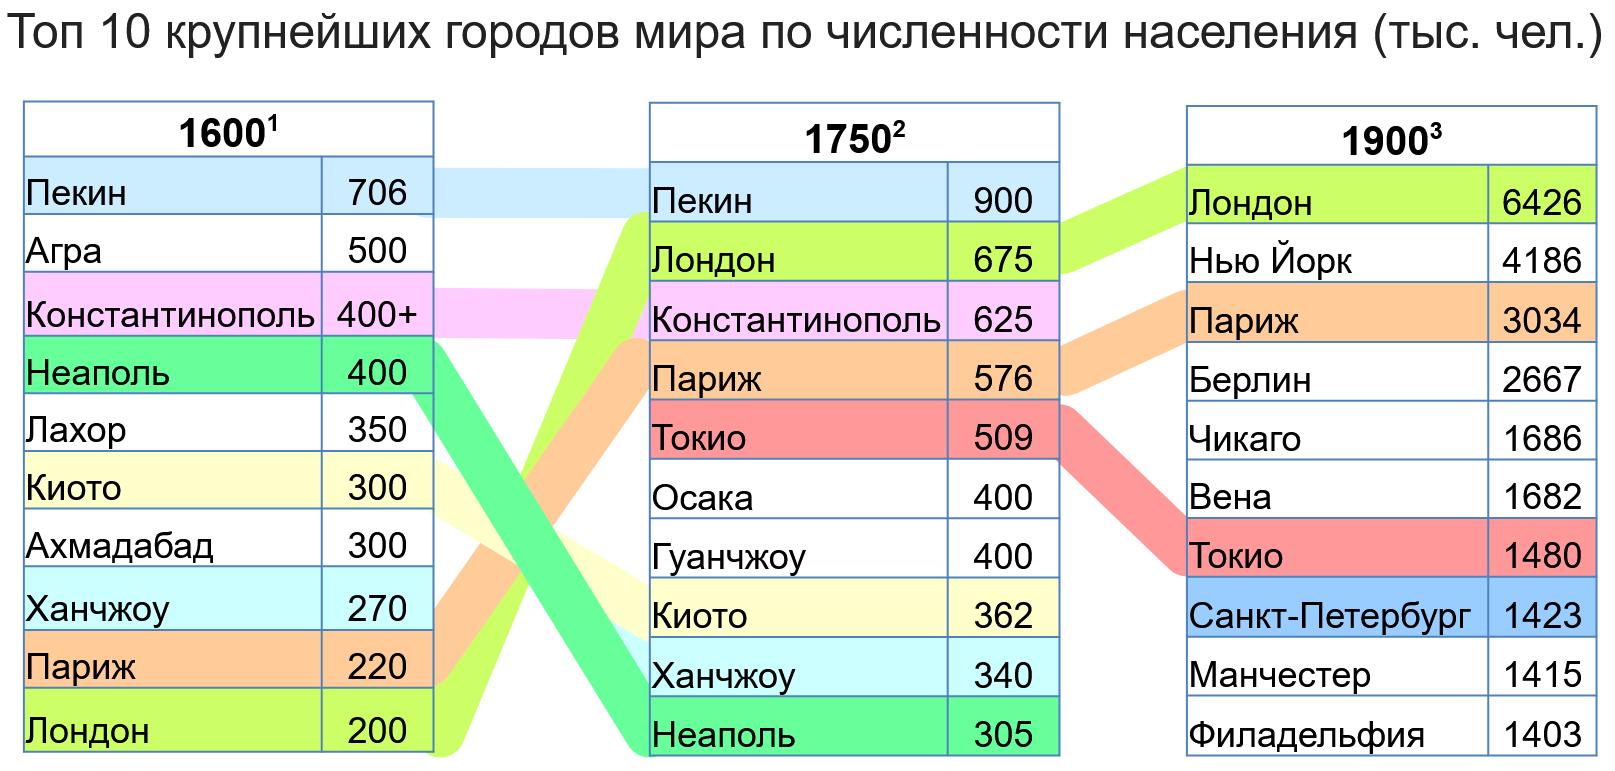 Топ 10 городв мира по численности населения